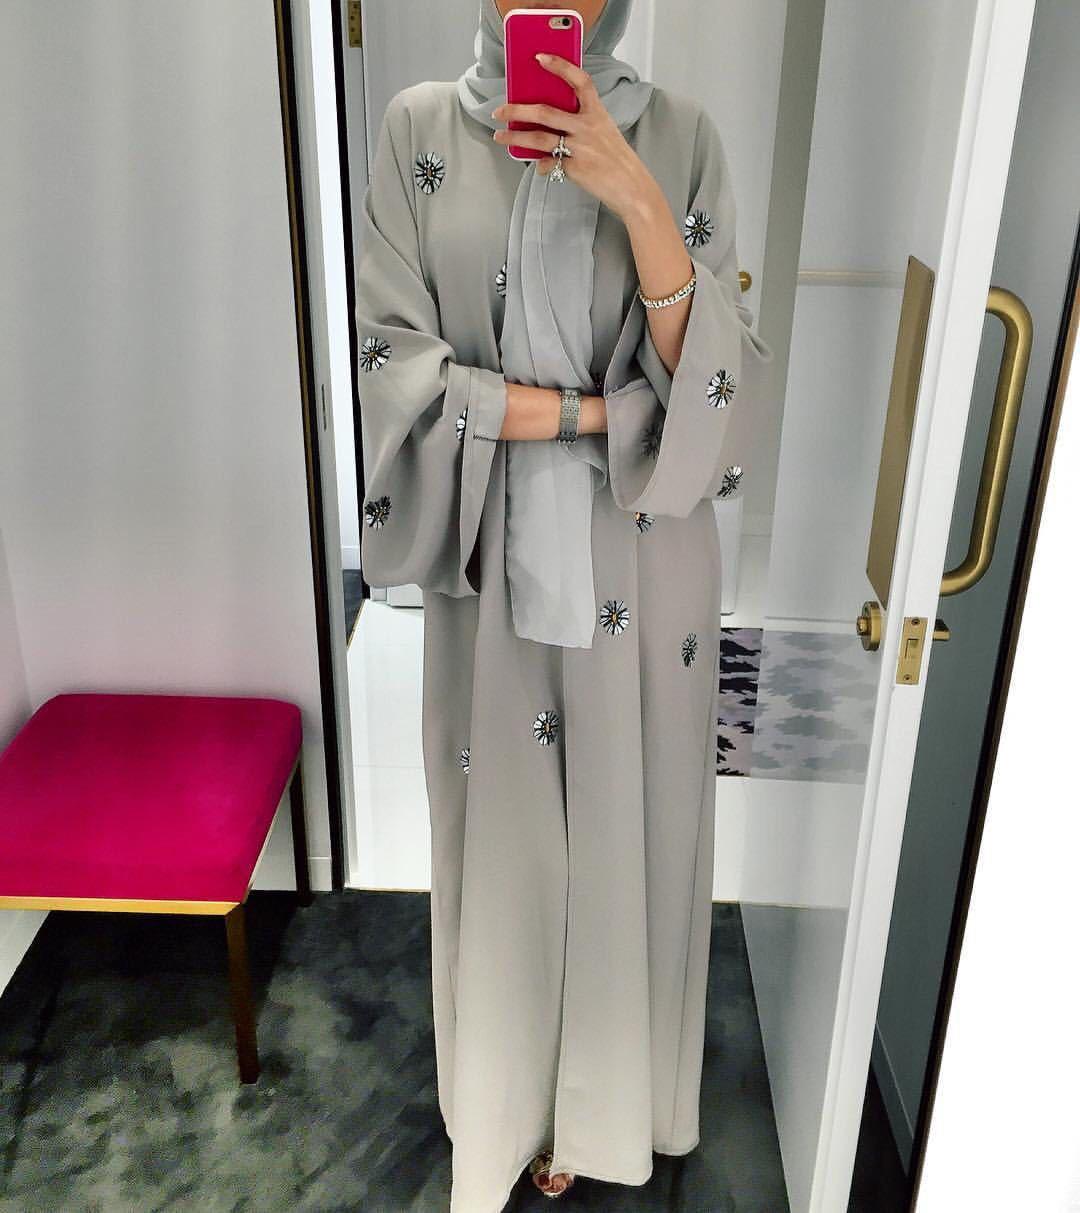 قفطان مفتوح عباية دبي تركيا كيمونو كارديجان رداء إسلامي للحجاب فستان جلباب عبايات للنساء قفطان العيد ملابس إسلامية